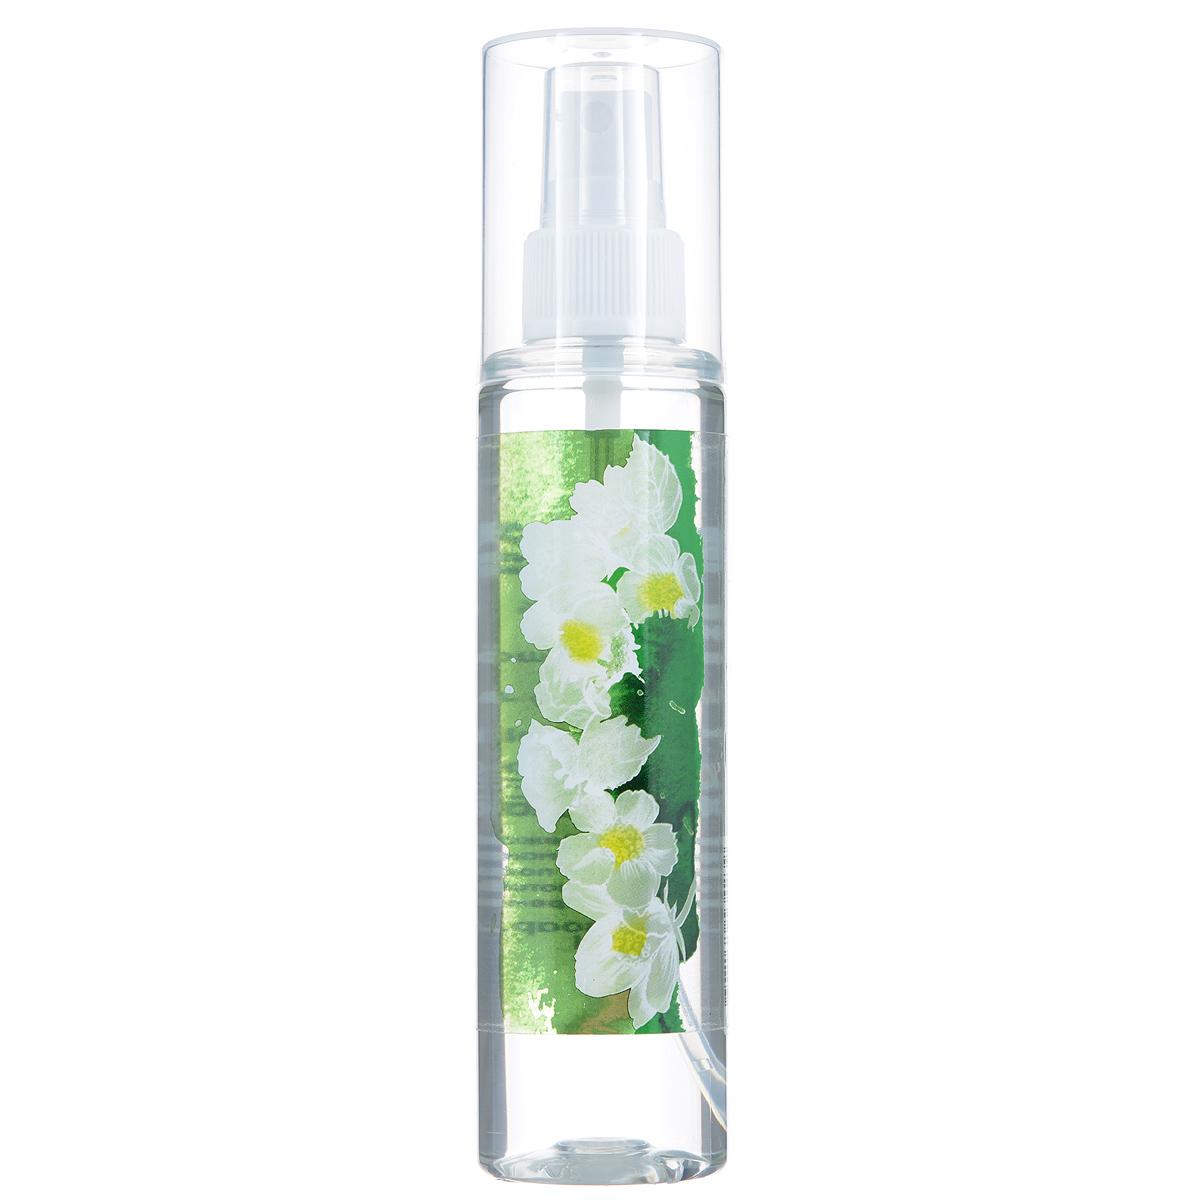 Зейтун Гидролат Жасмин, 125 млFS-00897Лучше всего цветочная вода жасмина подходит для сухой и чувствительной кожи, она тонизирует её и успокаивает, увлажняет. Придаёт эпидермису необходимую мягкость и эластичность, активизирует важные процессы обмена веществ. Для усиления эффекта рекомендуем чередовать с гидролатом розы дамасской.Гидролат жасмина вы также можете использовать и другими способами: • добавлять в воду, когда принимаете ванну, • для снятия макияжа и умывания, • применять как ополаскиватель после мытья волос, чтобы разгладить пряди и облегчить их расчёсывание, • для ароматизации тела и волос, • наносить перед применением крема или косметического масла, ради подготовки кожи и усиления воздействия средства, • использовать для тонизации кожи после скраба или пилинга, • разводить сухие глиняные маски, улучшая их эффект и придавая коже цветочный запах.Цветочная вода жасмина полностью натуральна, поэтому чувствительна к свету, высоким температурам и микроорганизмам, и храниться она может не более 12 месяцев, причём мы настоятельно рекомендуем держать её в холодильнике. В случае аллергической реакции (жжение, покраснение) следует использовать менее концентрированный раствор (разбавить водой в пропорции 1:3-1:4).